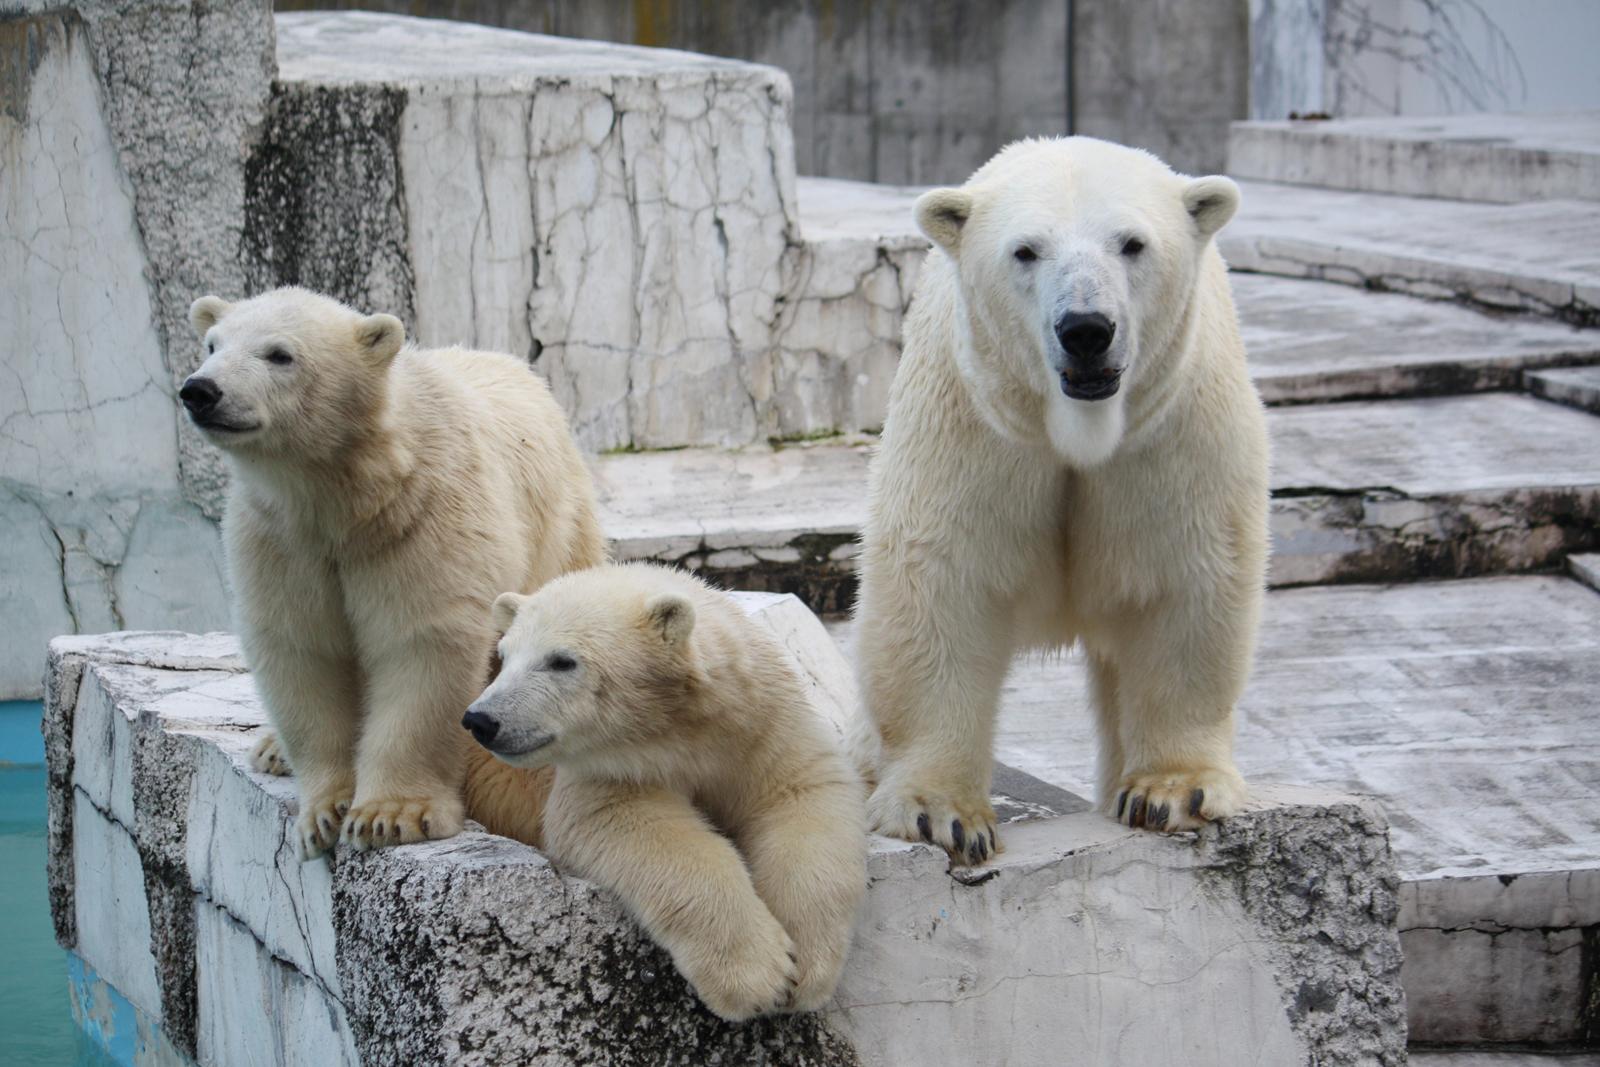 女子たちが楽しめる 夜の動物園 ガールZOOナイト 円山動物園 (8/13) 札幌